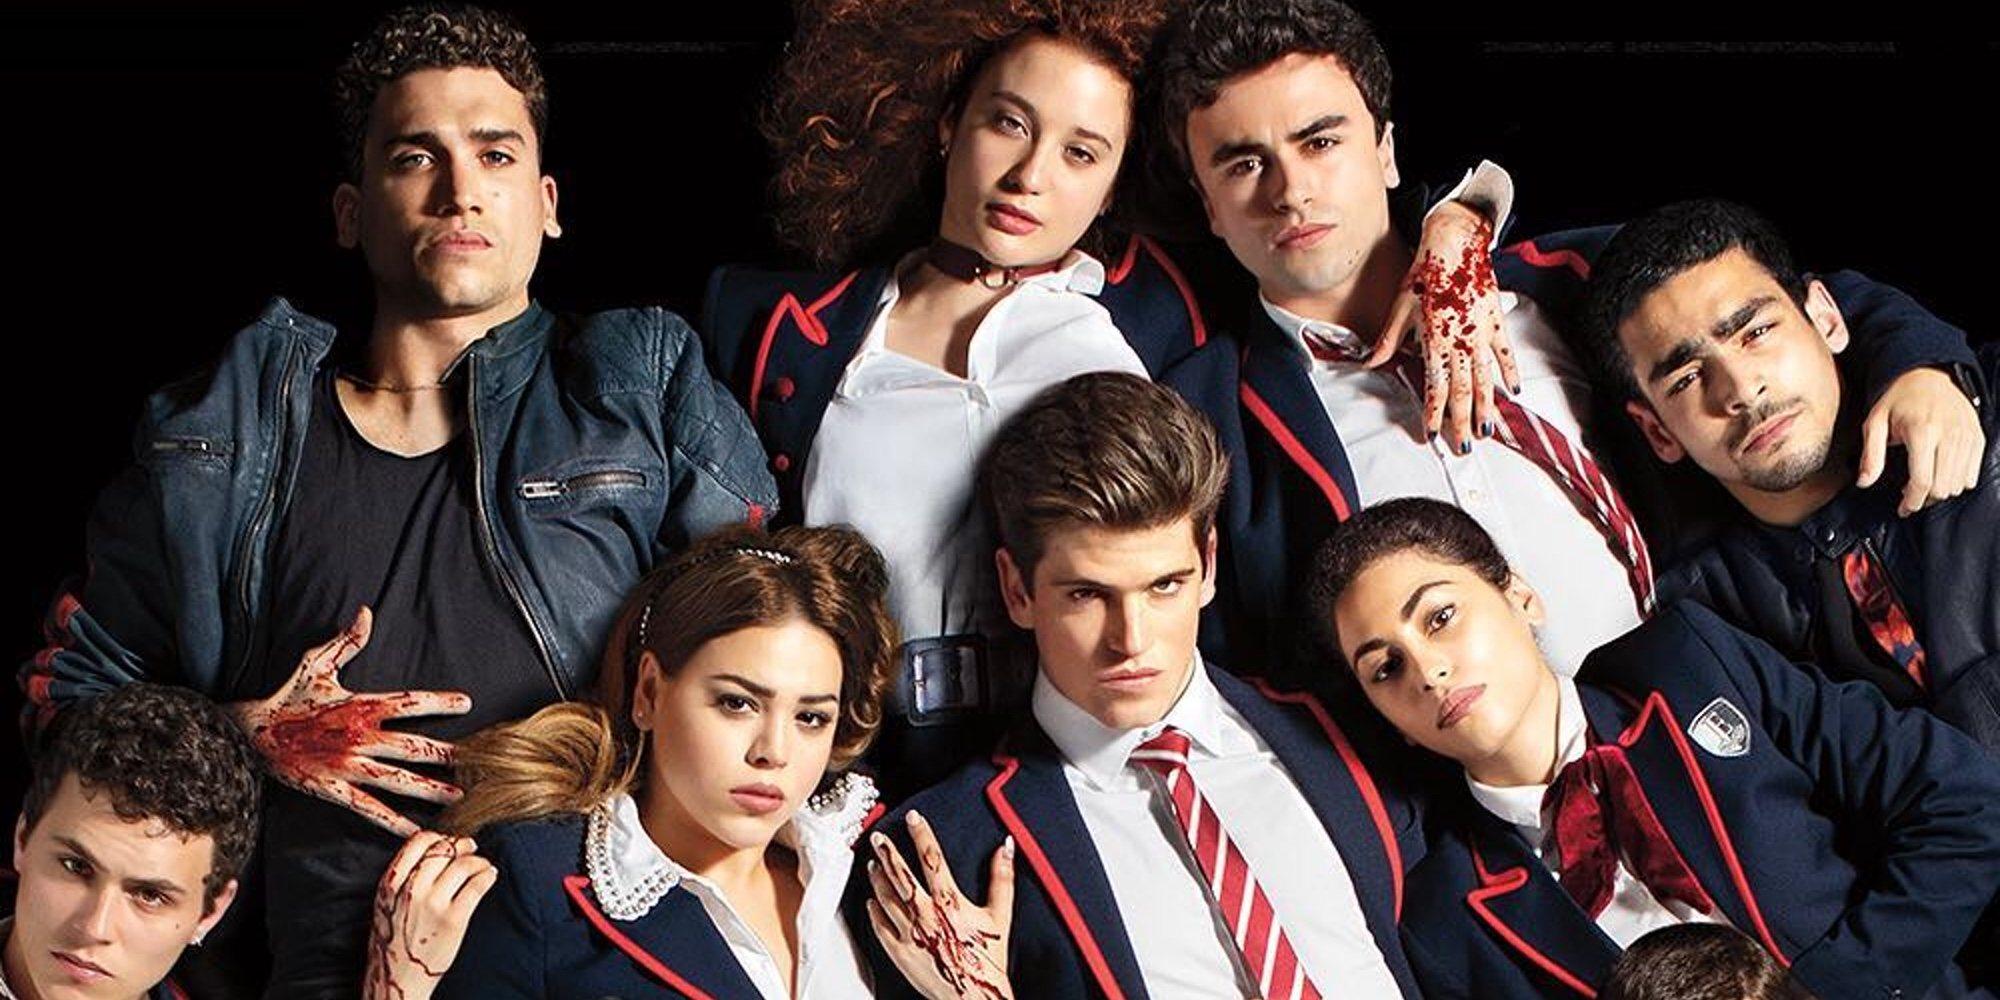 Comienza el rodaje de la segunda temporada de 'Élite' con tres nuevos personajes